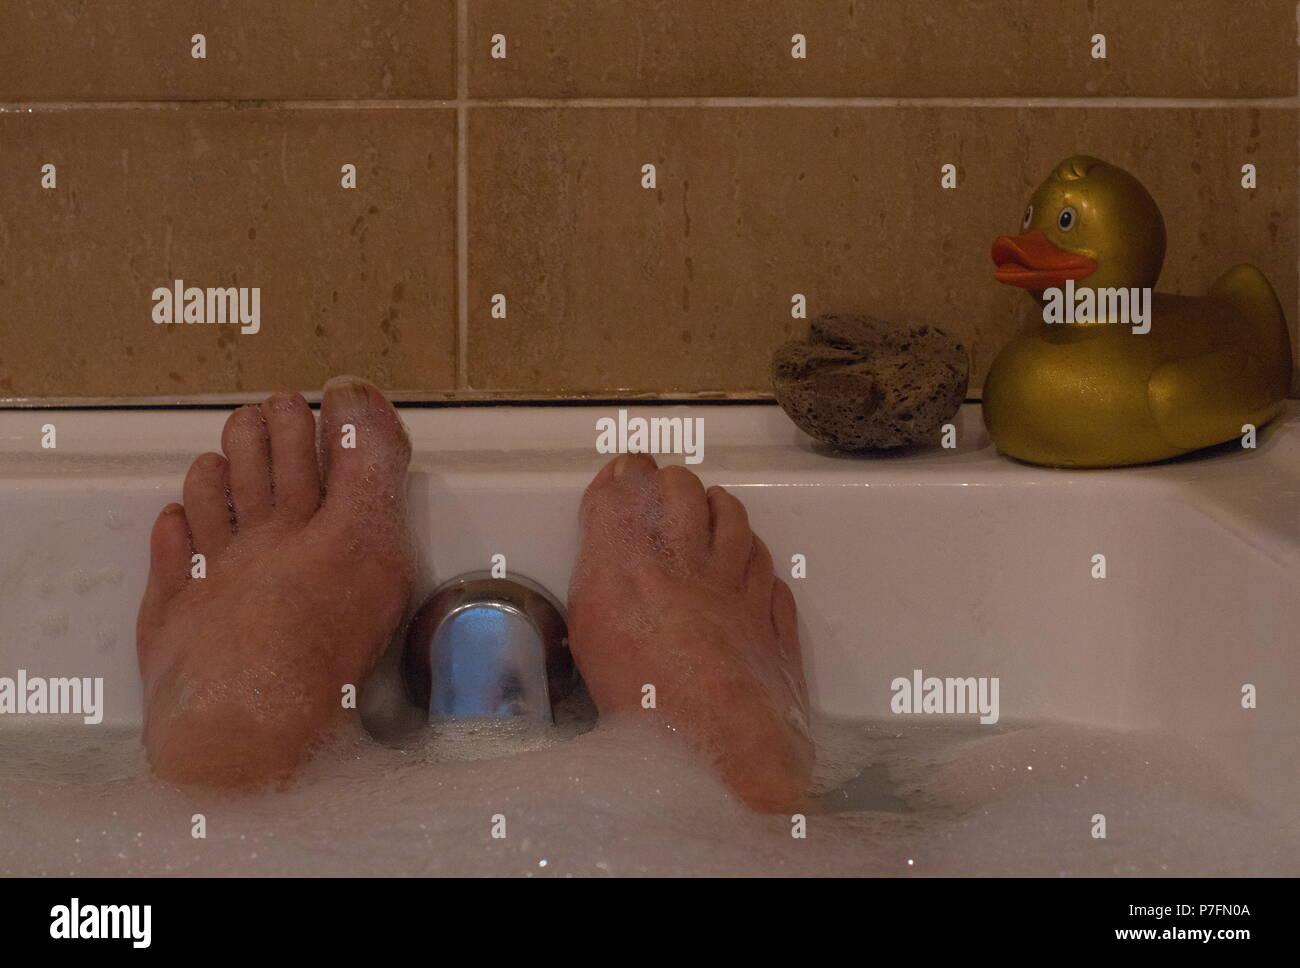 Piedi in un bagno di schiuma a bolle e un giocattolo immagine di anatra con spazio di copia in formato orizzontale Immagini Stock